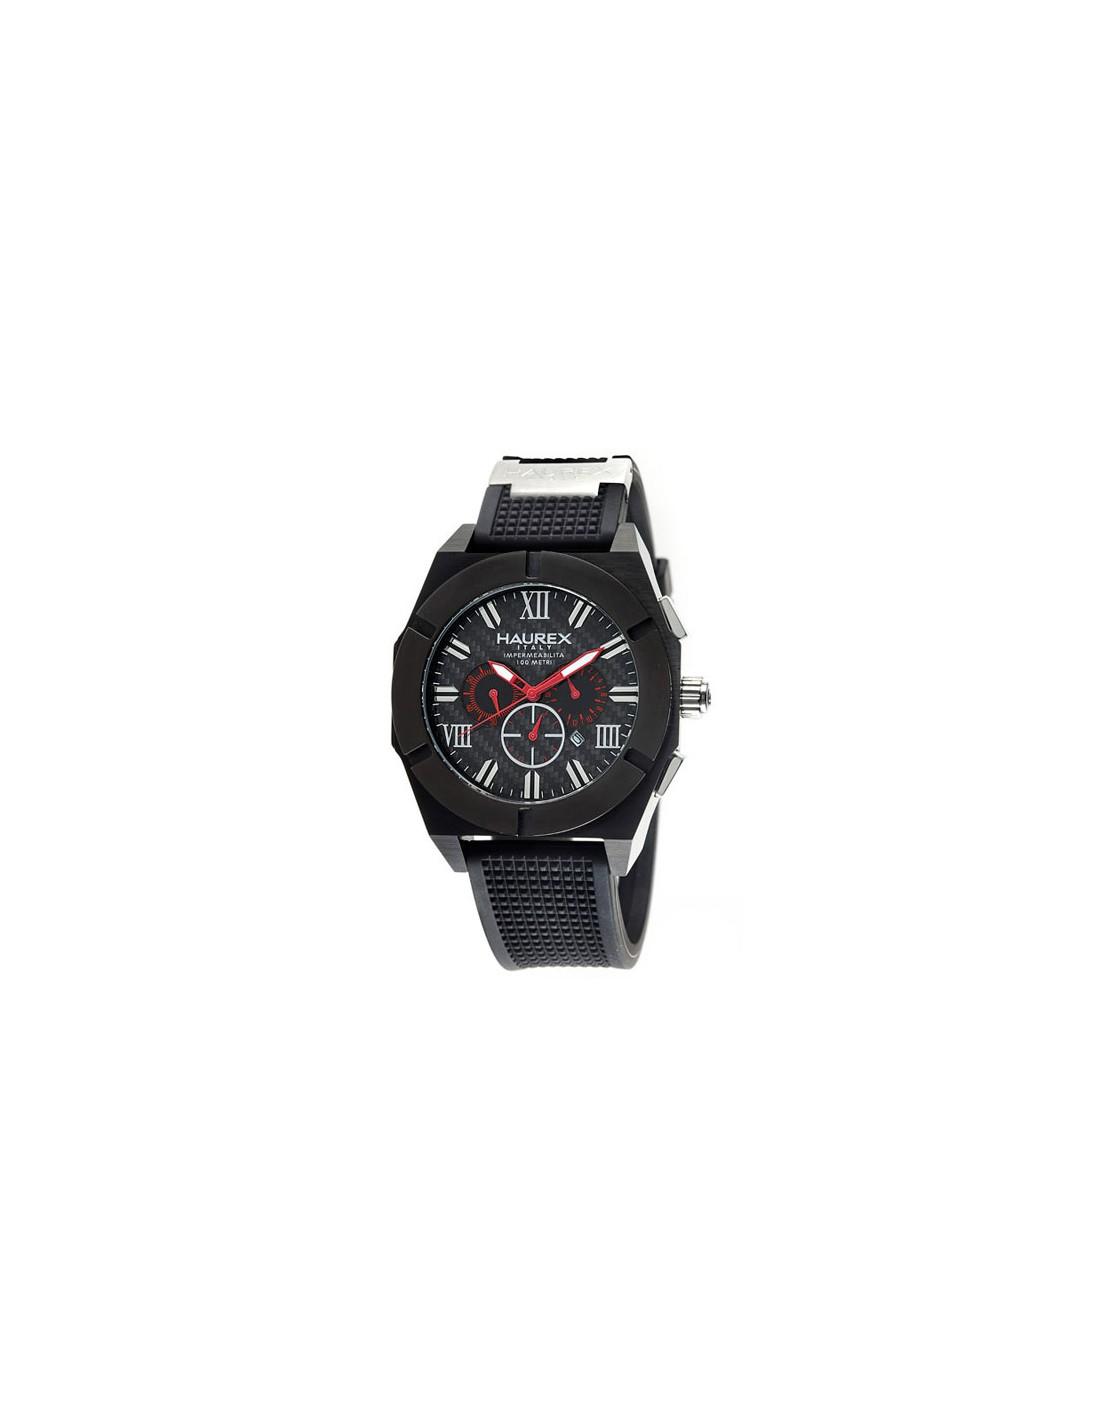 Haurex watch 3n305ucn haurex watches for Haurex watches